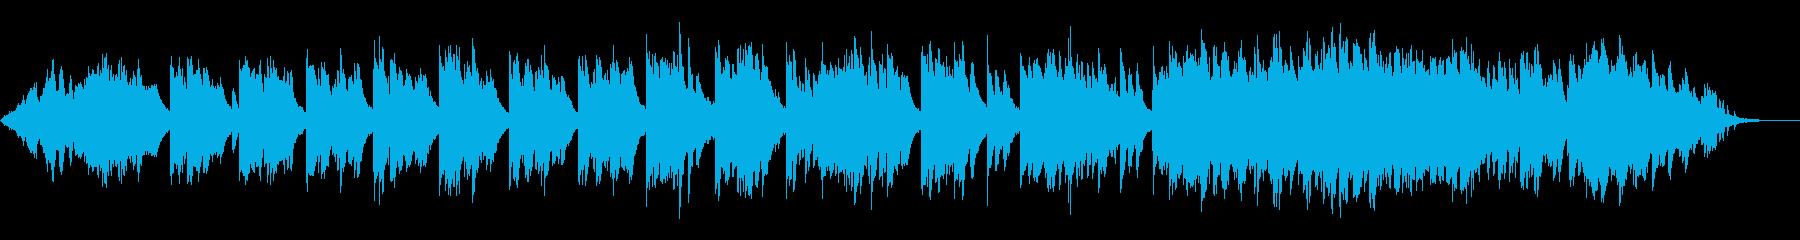 静かな躍動感のピアノ曲の再生済みの波形